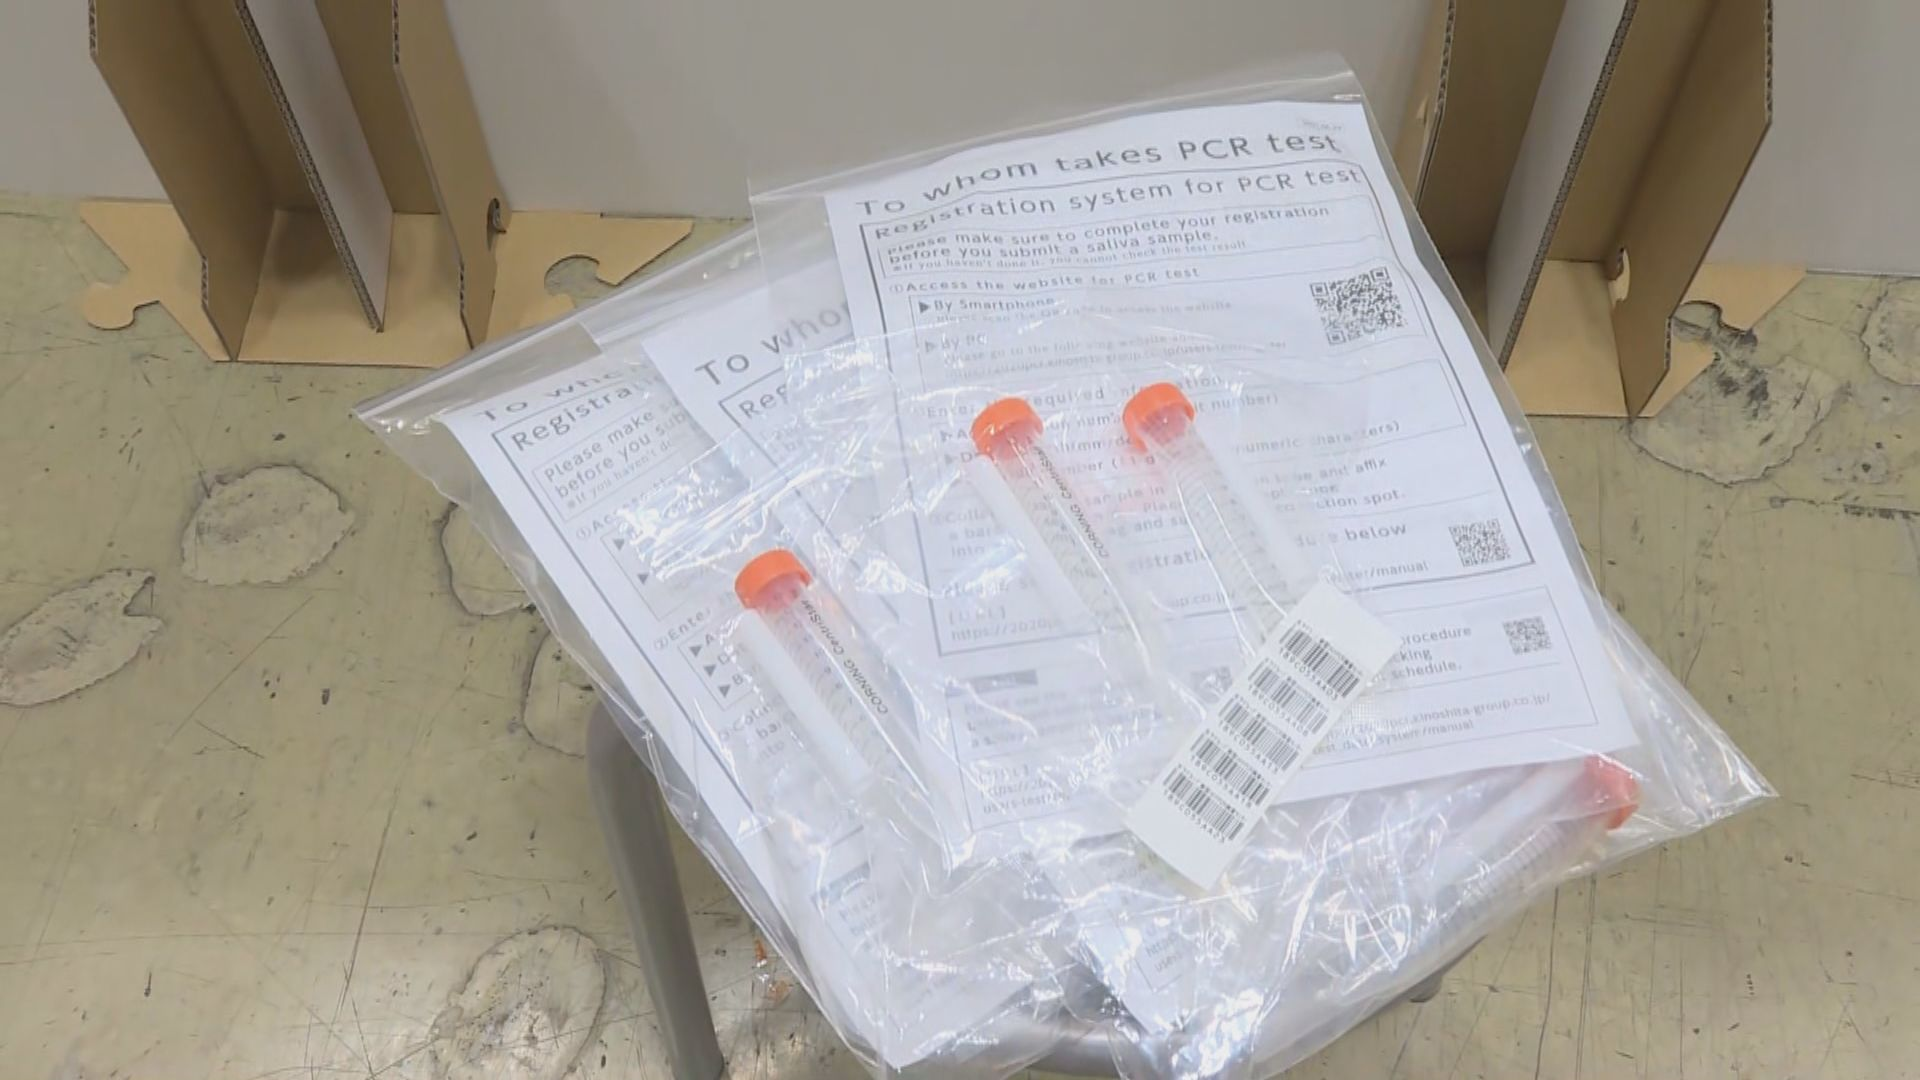 【東奧直擊】新聞中心採用全自助方式檢測病毒